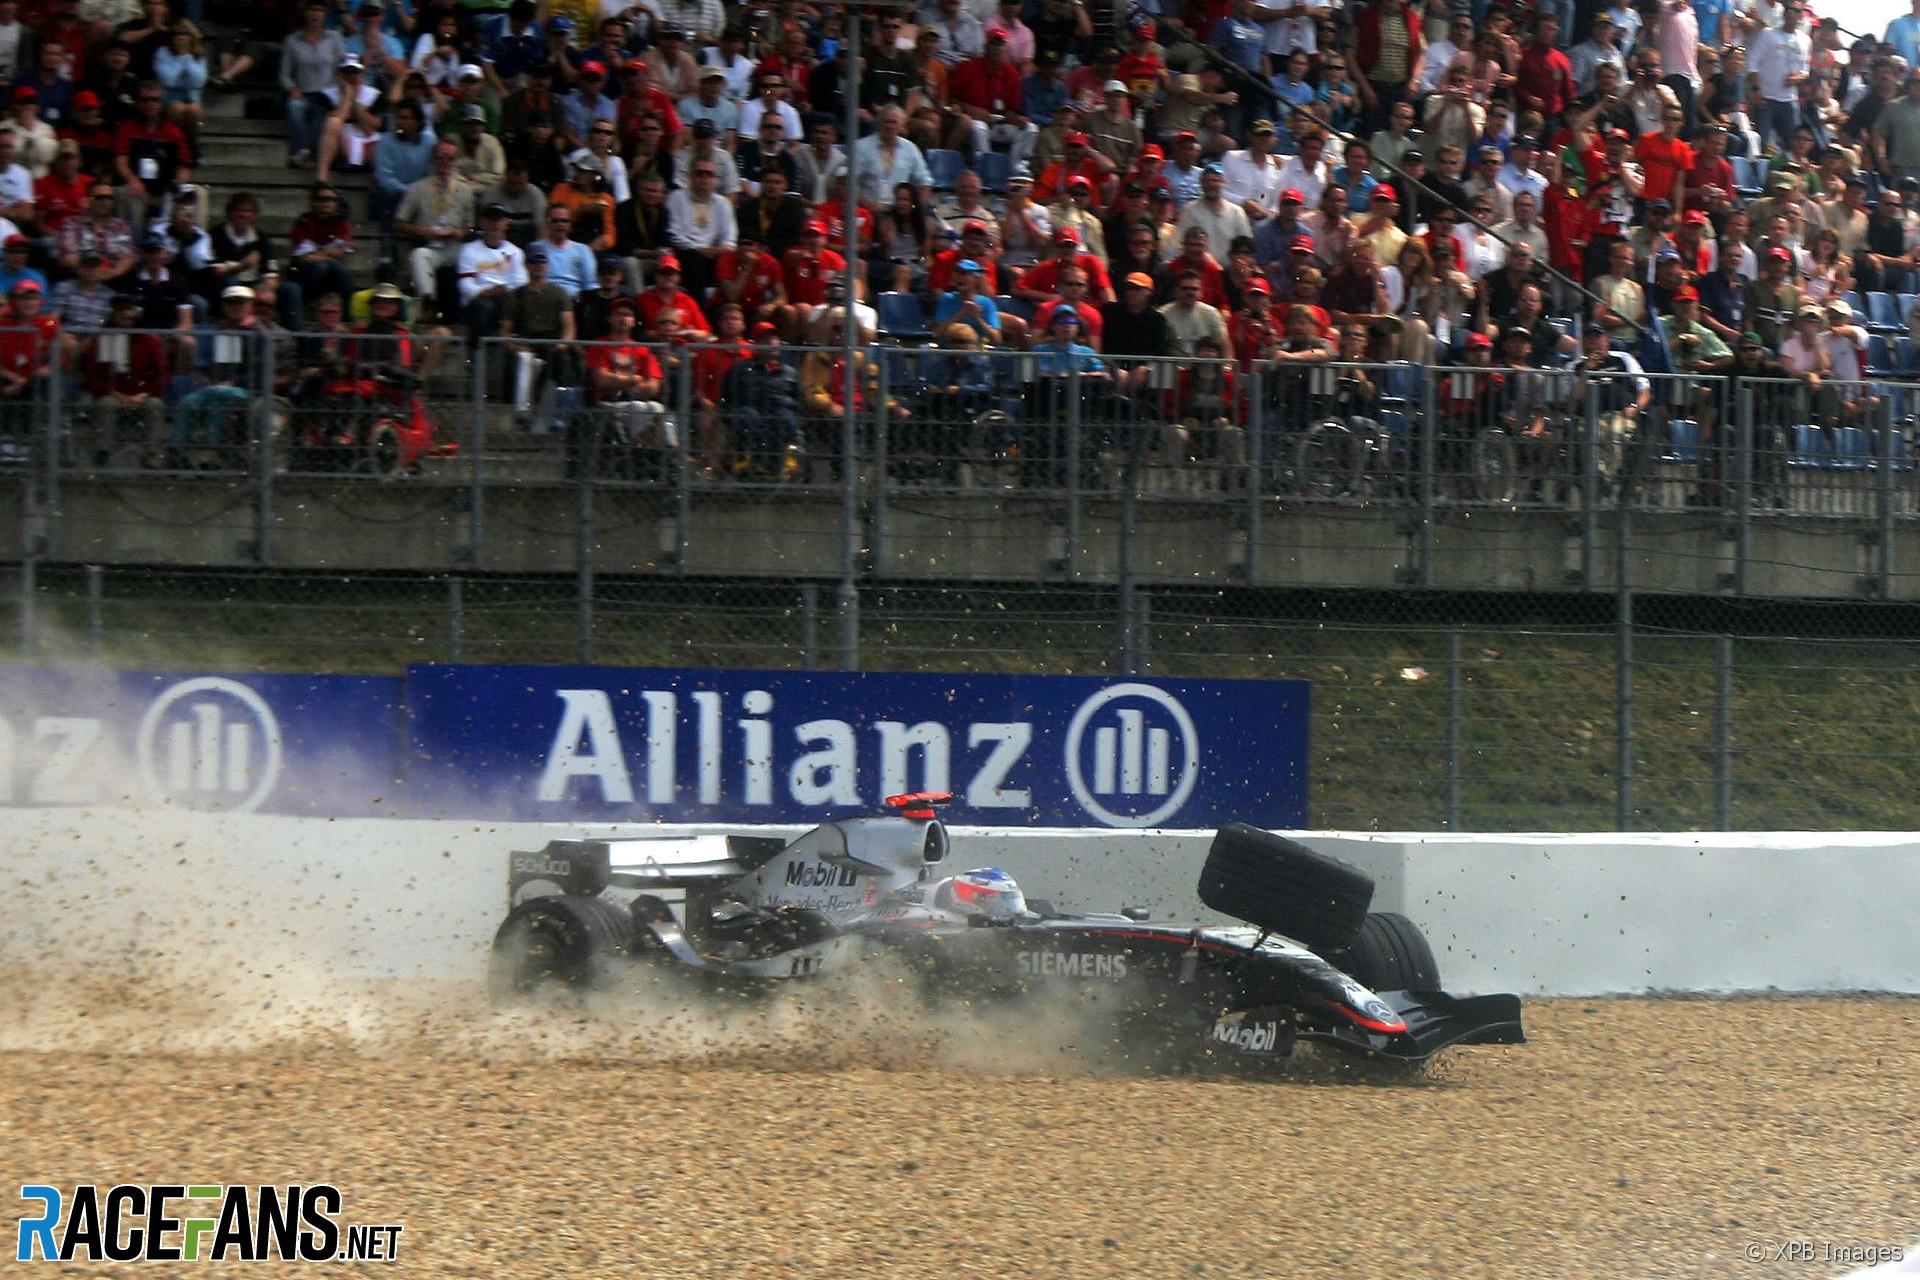 Kimi Raikkonen, McLaren, Nurburgring, 2005